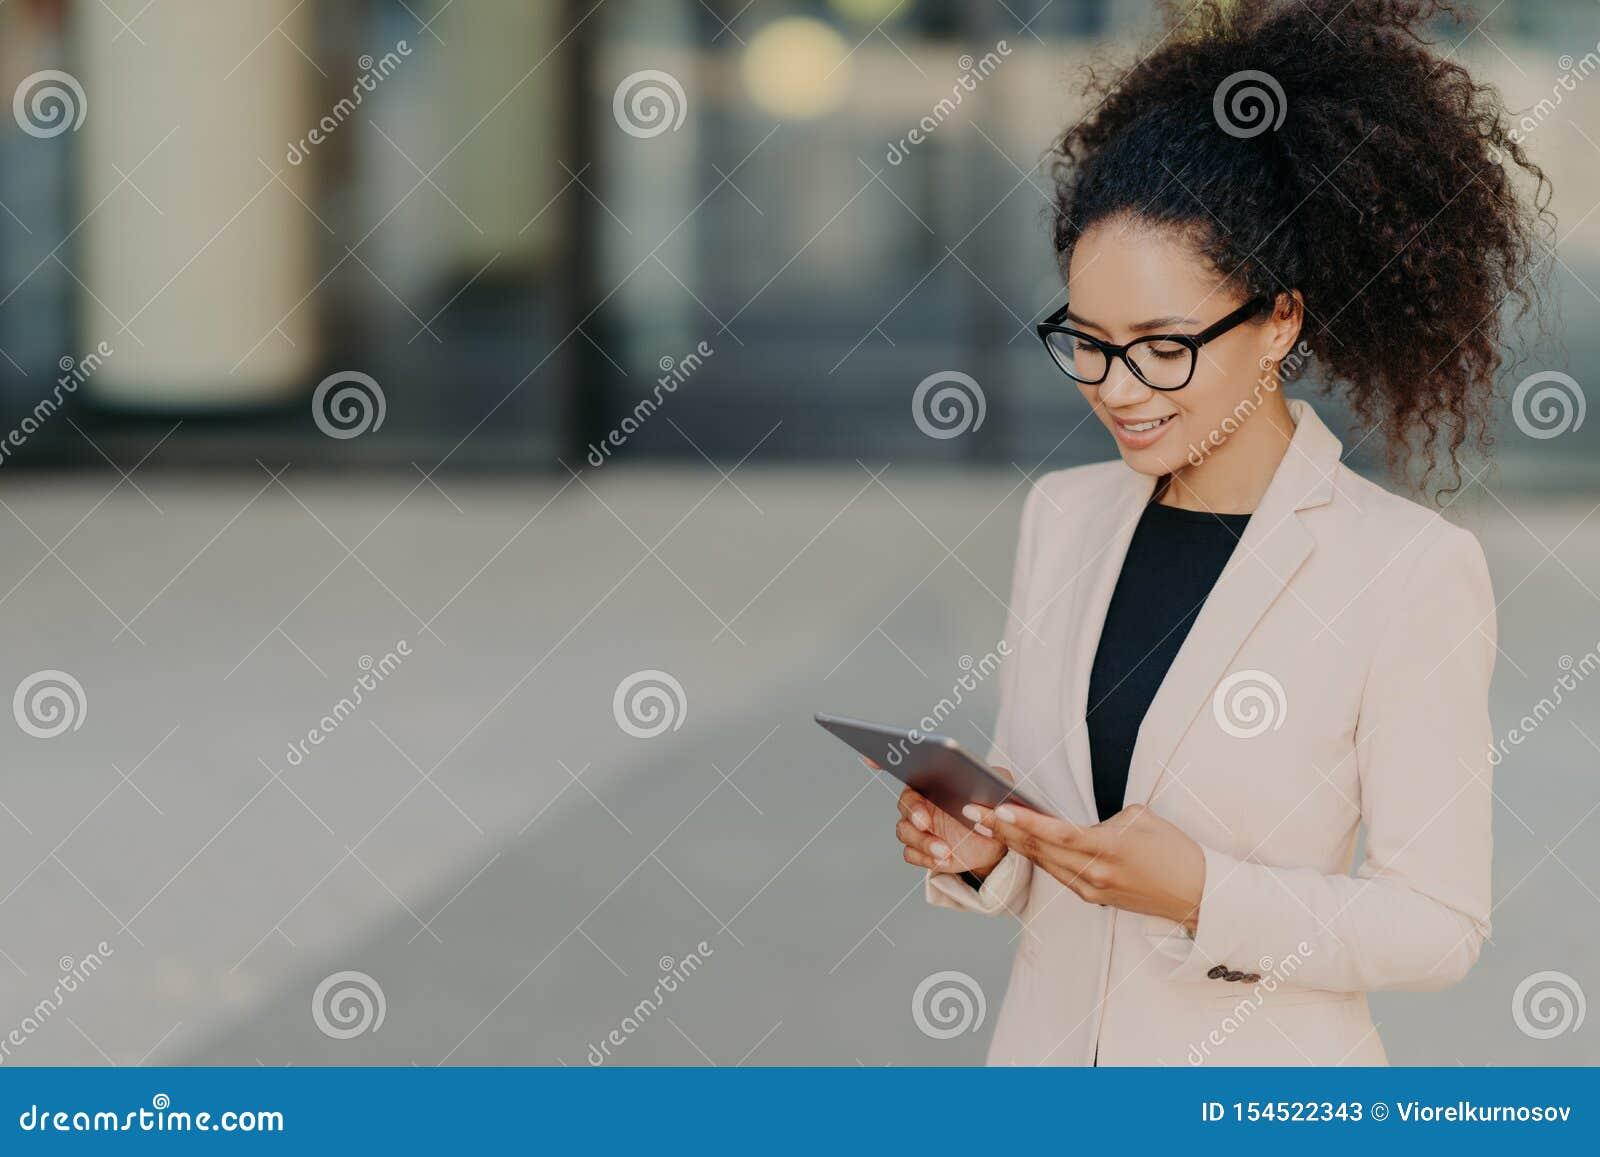 Proprietário próspero de suportes da empresa de negócio com touchpad digital, focalizado na tela, buscas para ideias novas do mer